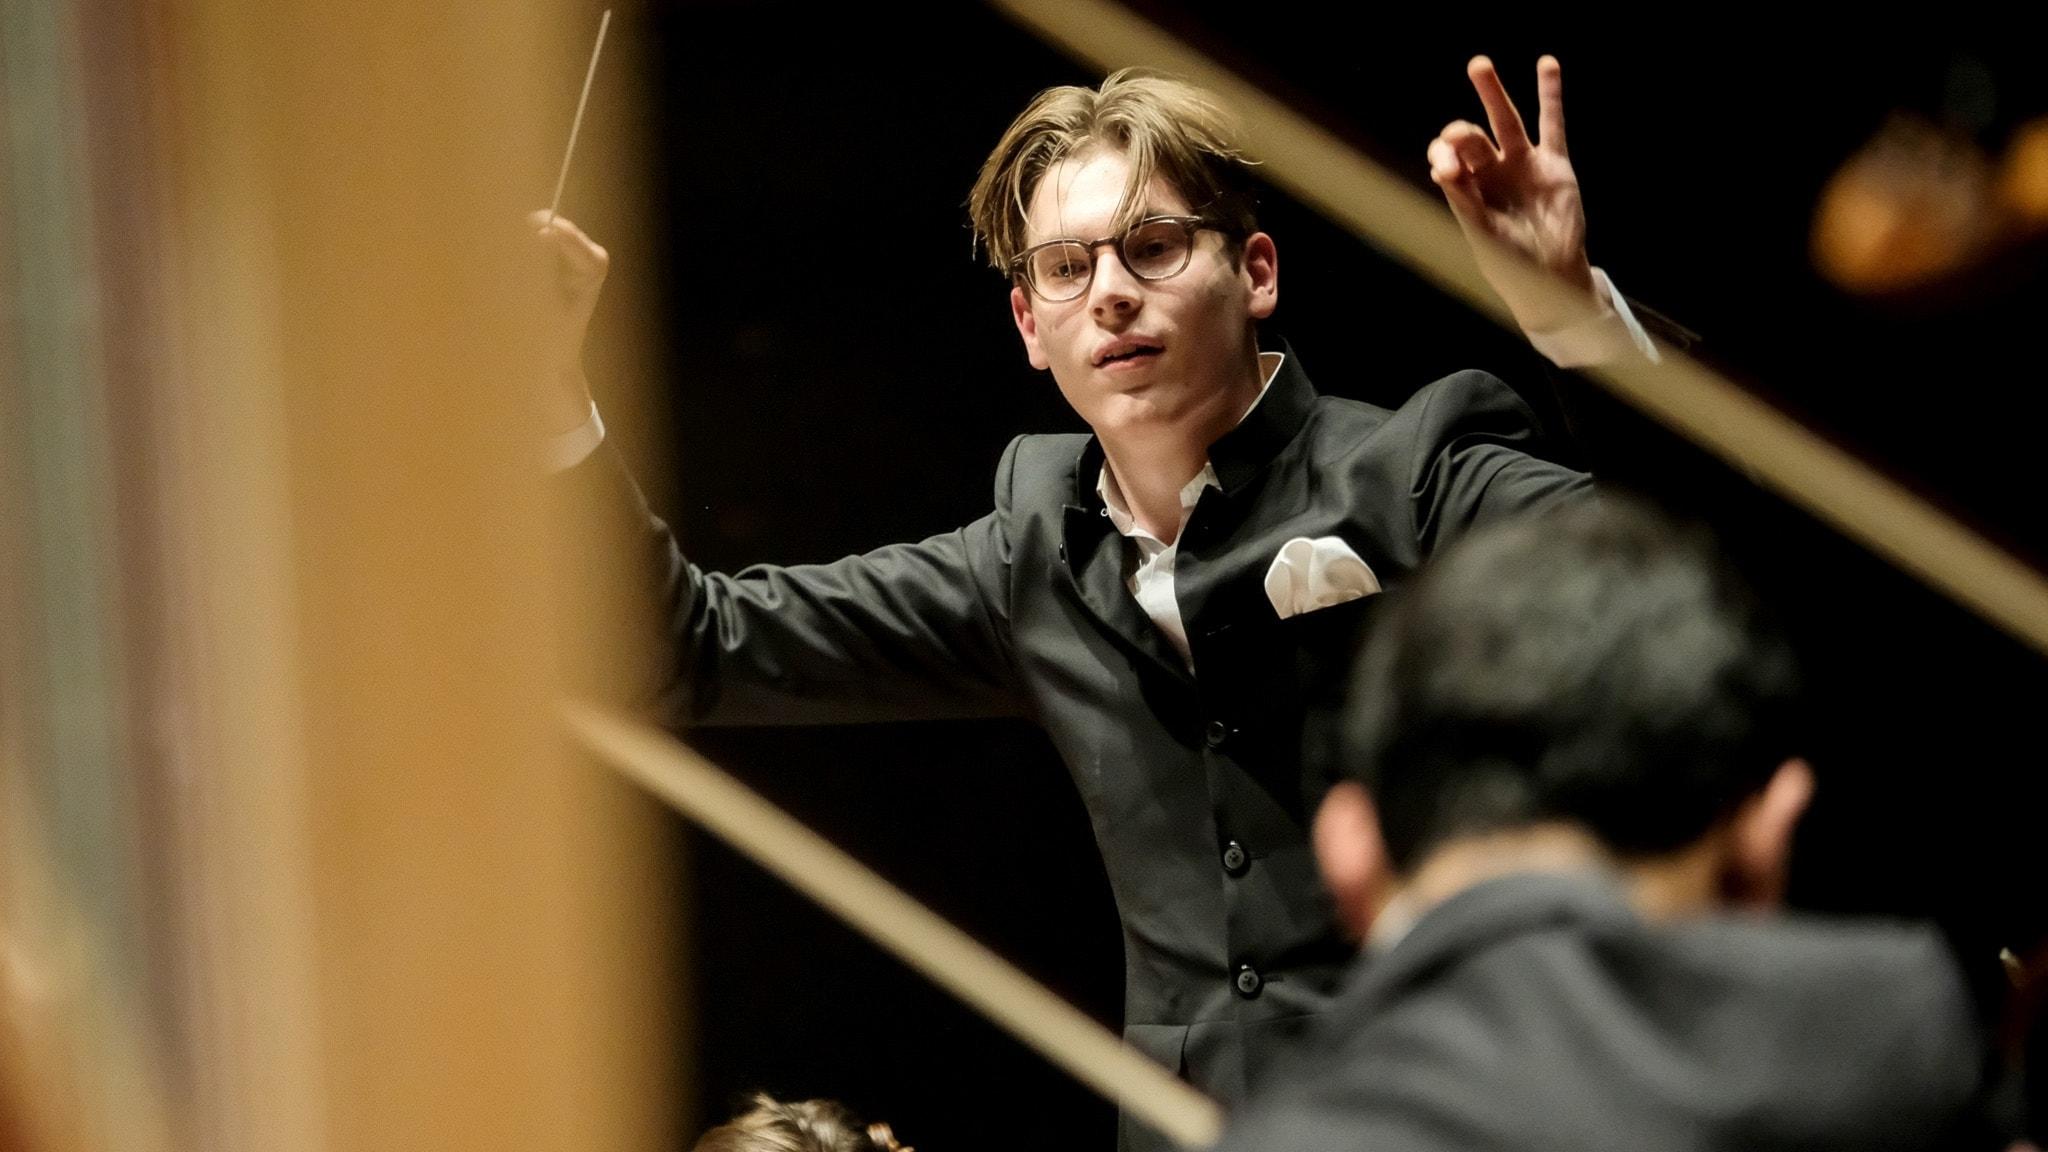 KONSERT: Sibelius och Sallinen med finländskt stjärnskott